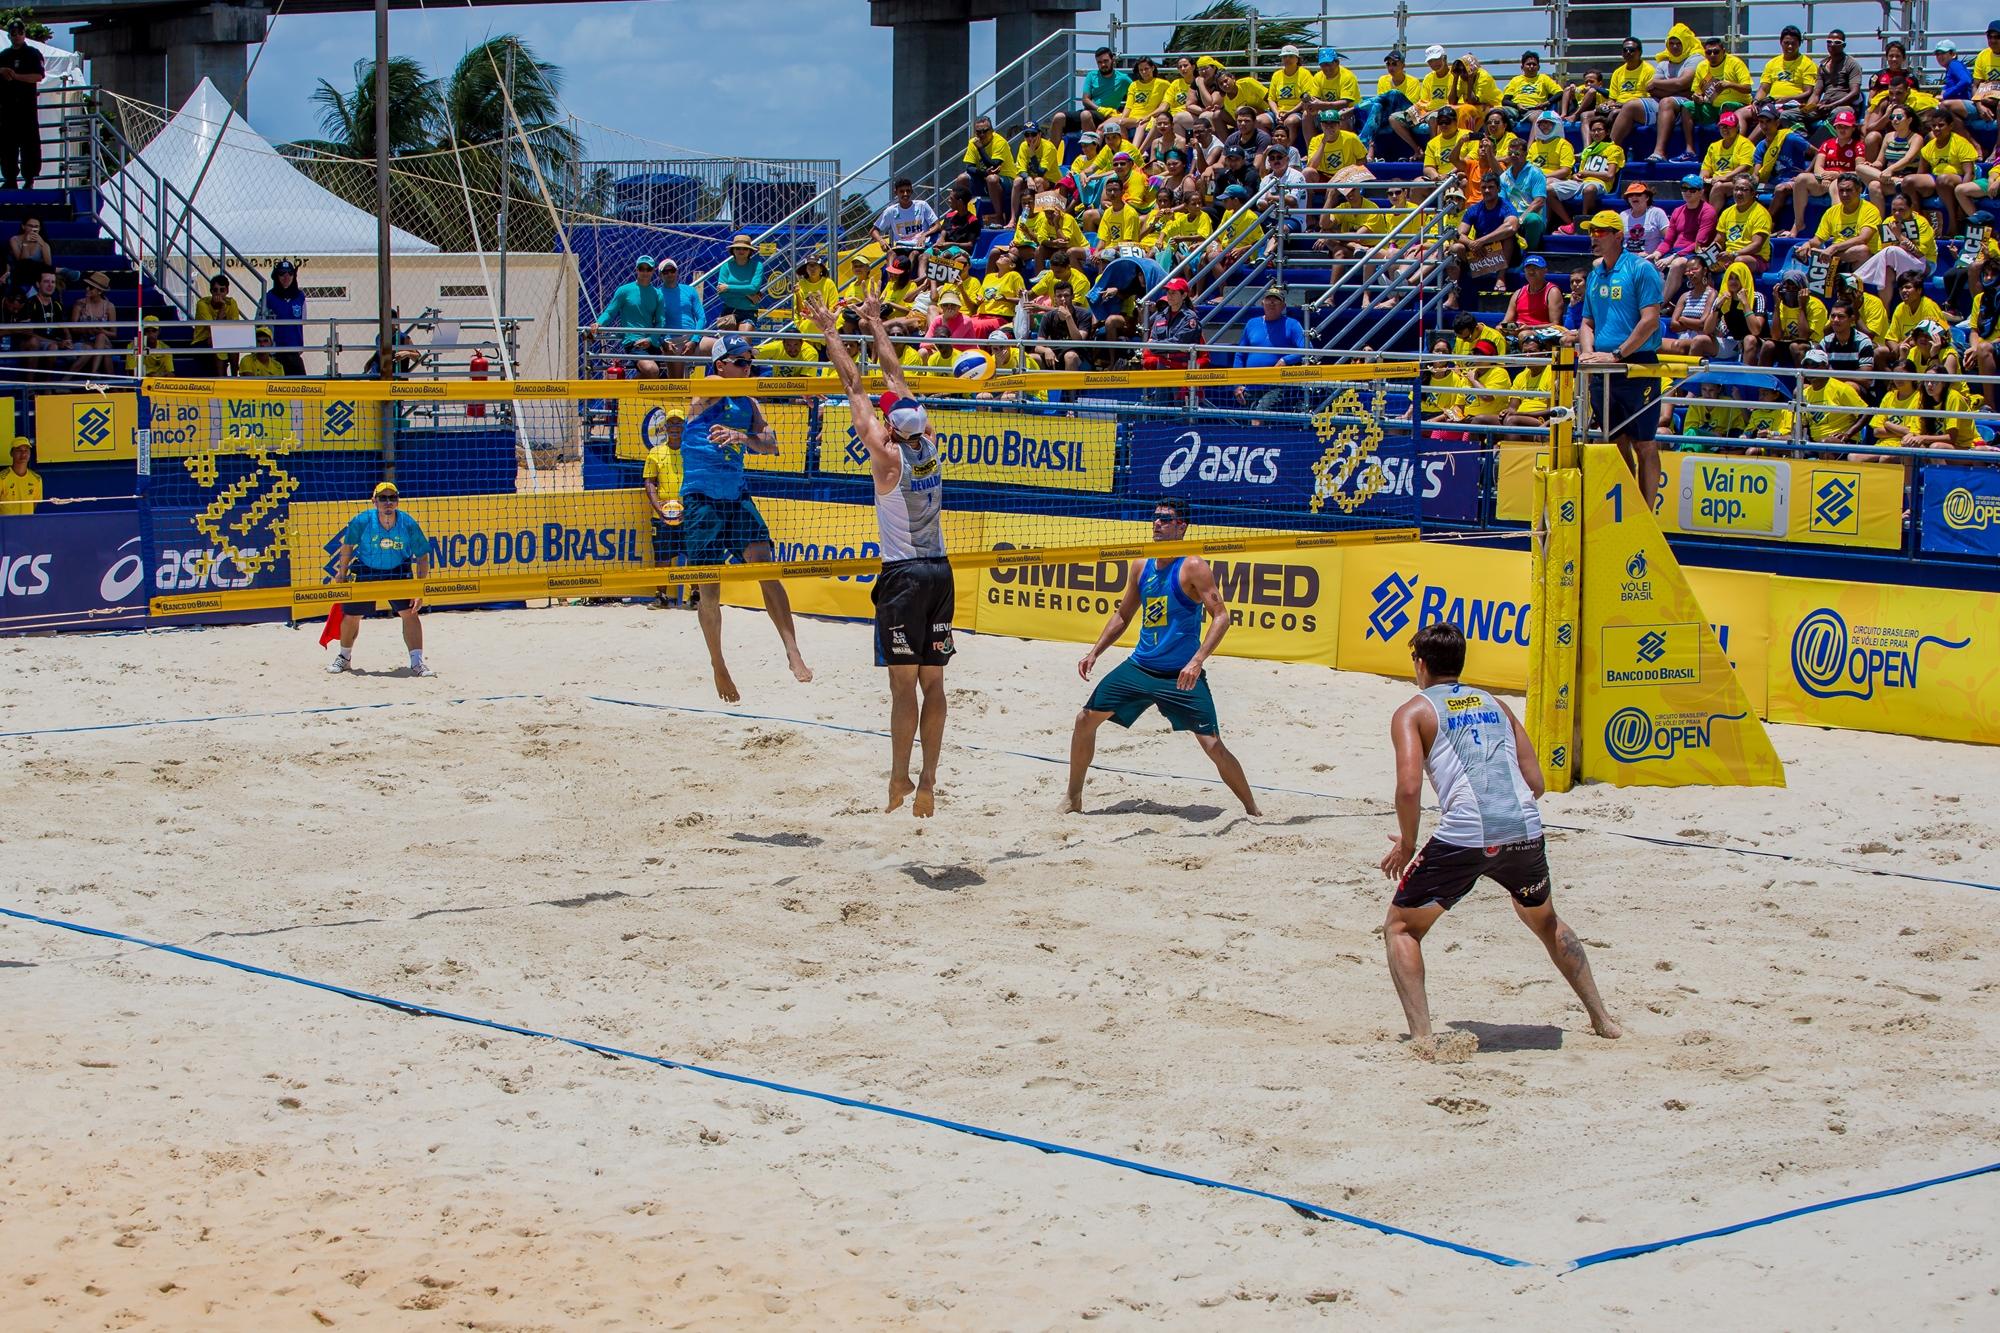 Temporada retorna em Fortaleza (CE) com disputa acirrada no ranking geral